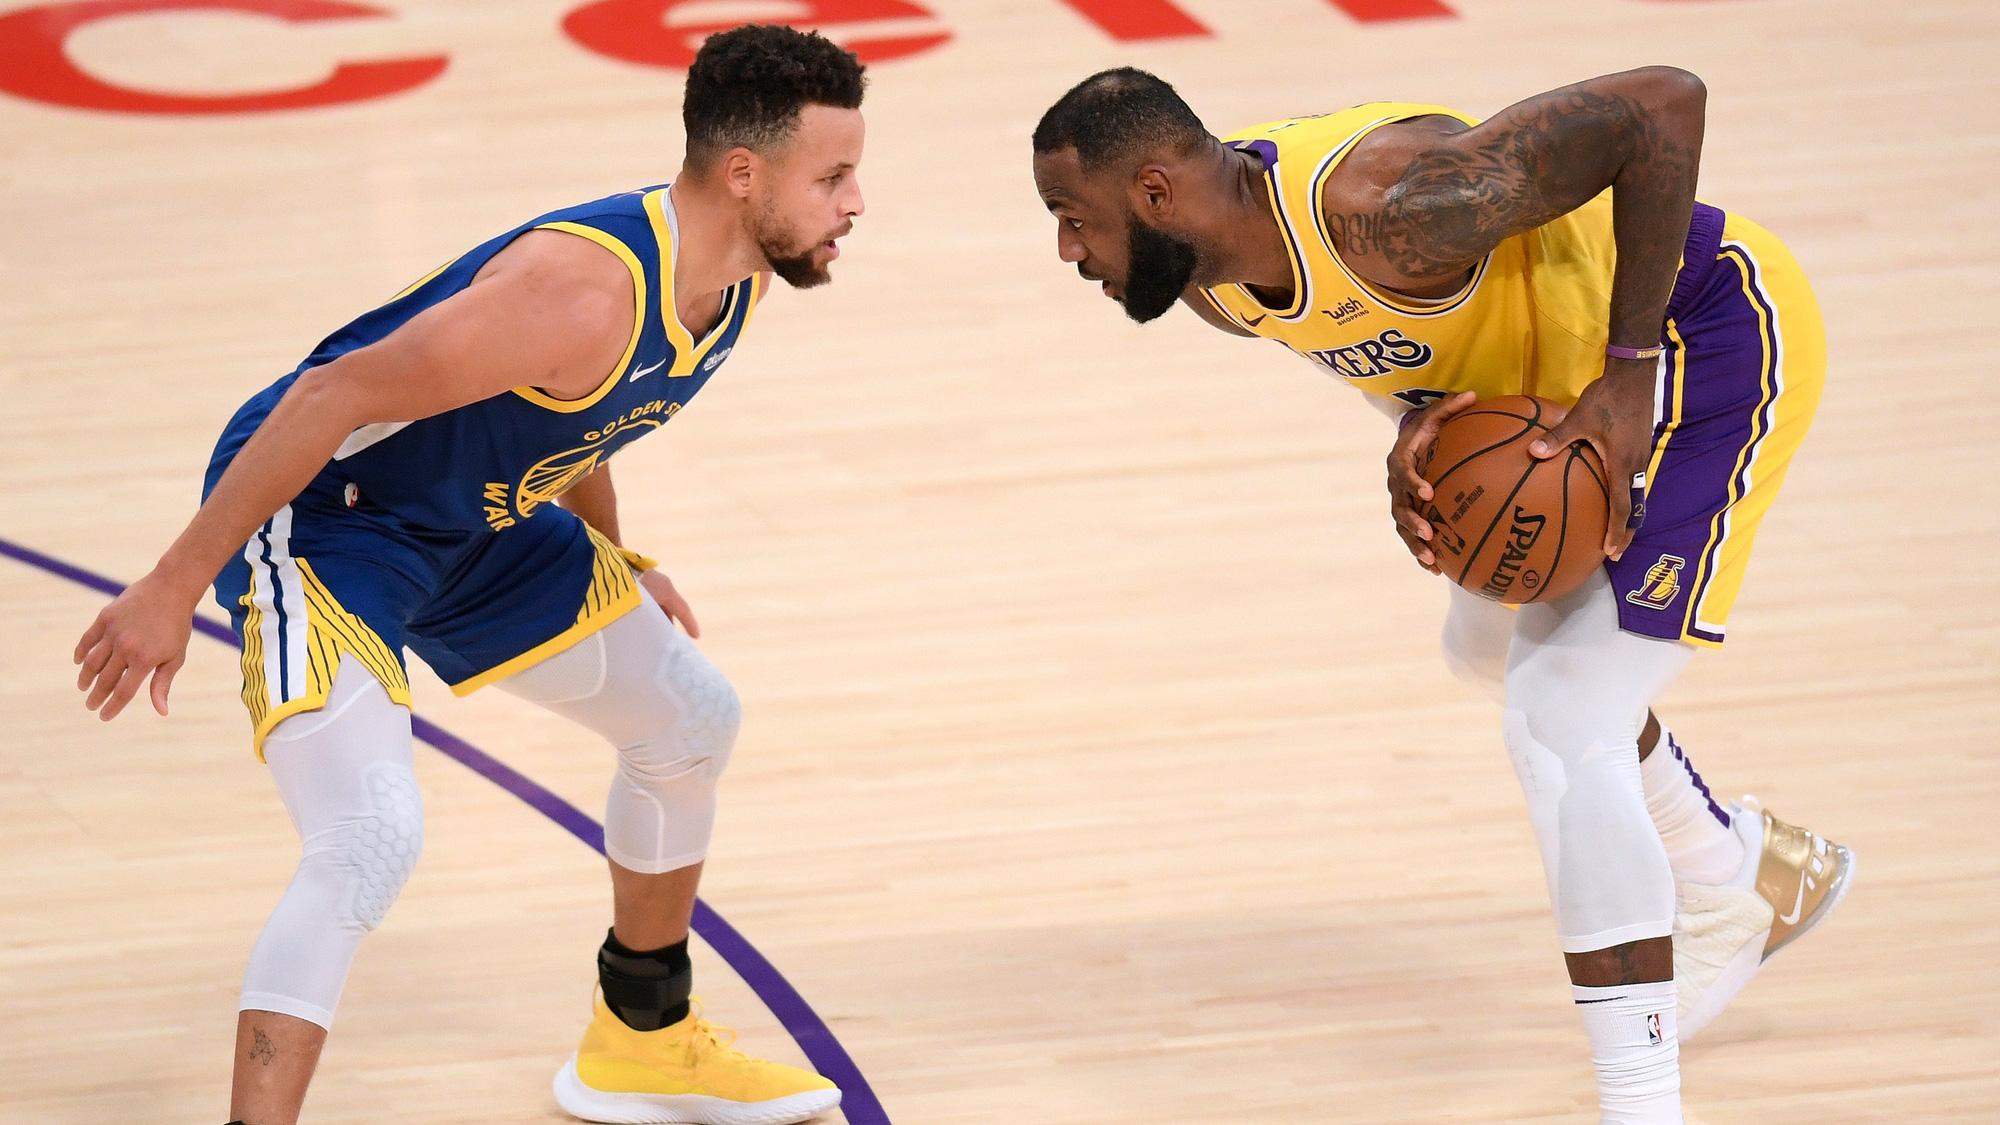 Những cầu thủ có số trận thắng mở màn nhiều nhất trong lịch sử NBA - Ảnh 1.